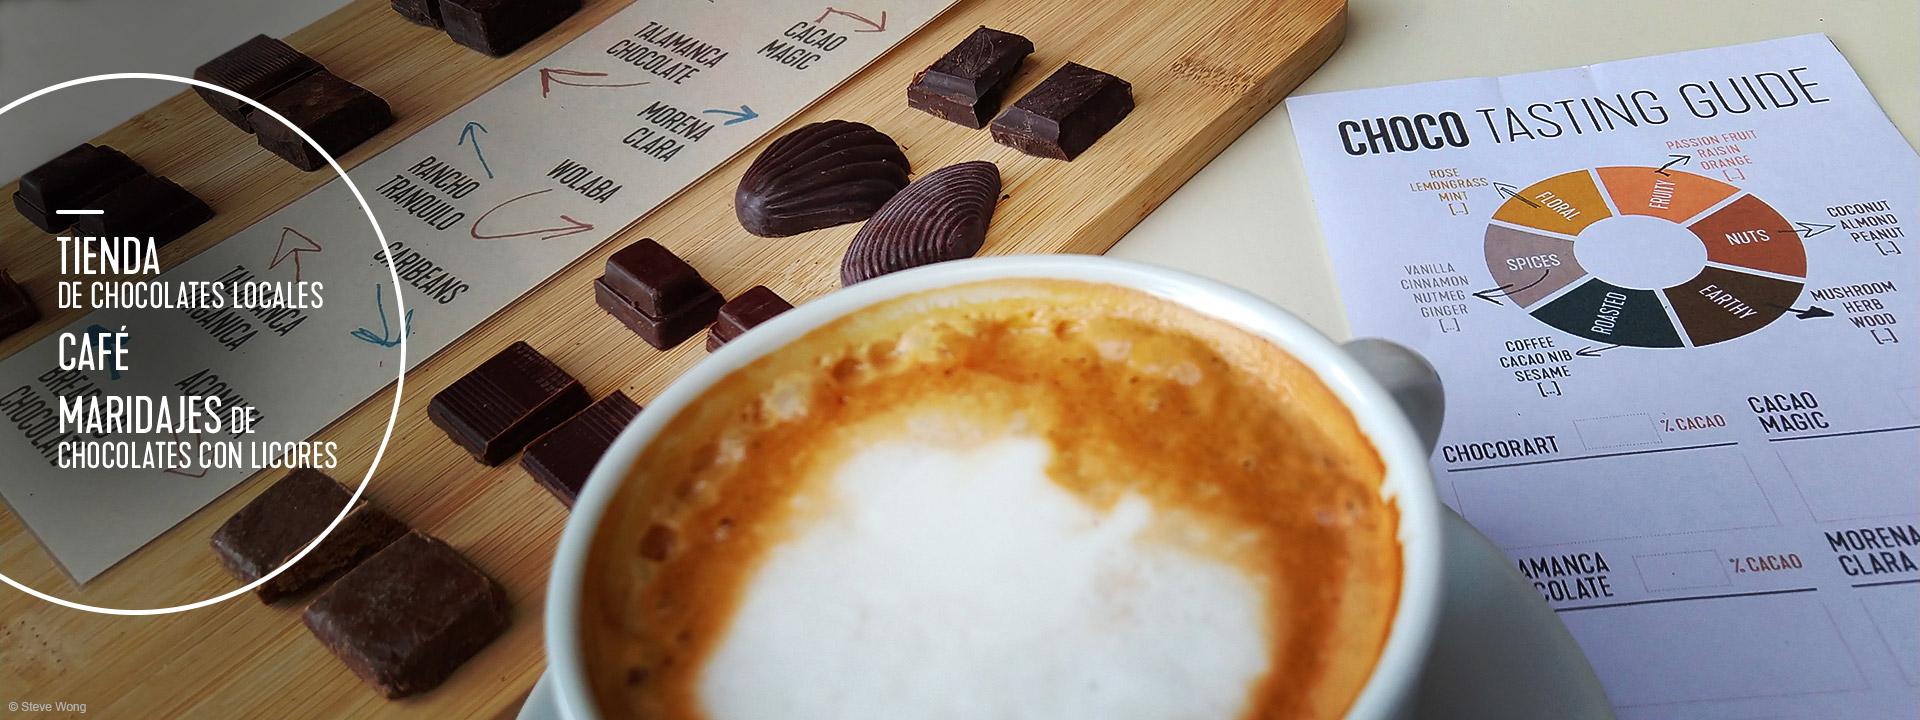 Choco - Tienda de chocolate Puerto Viejo